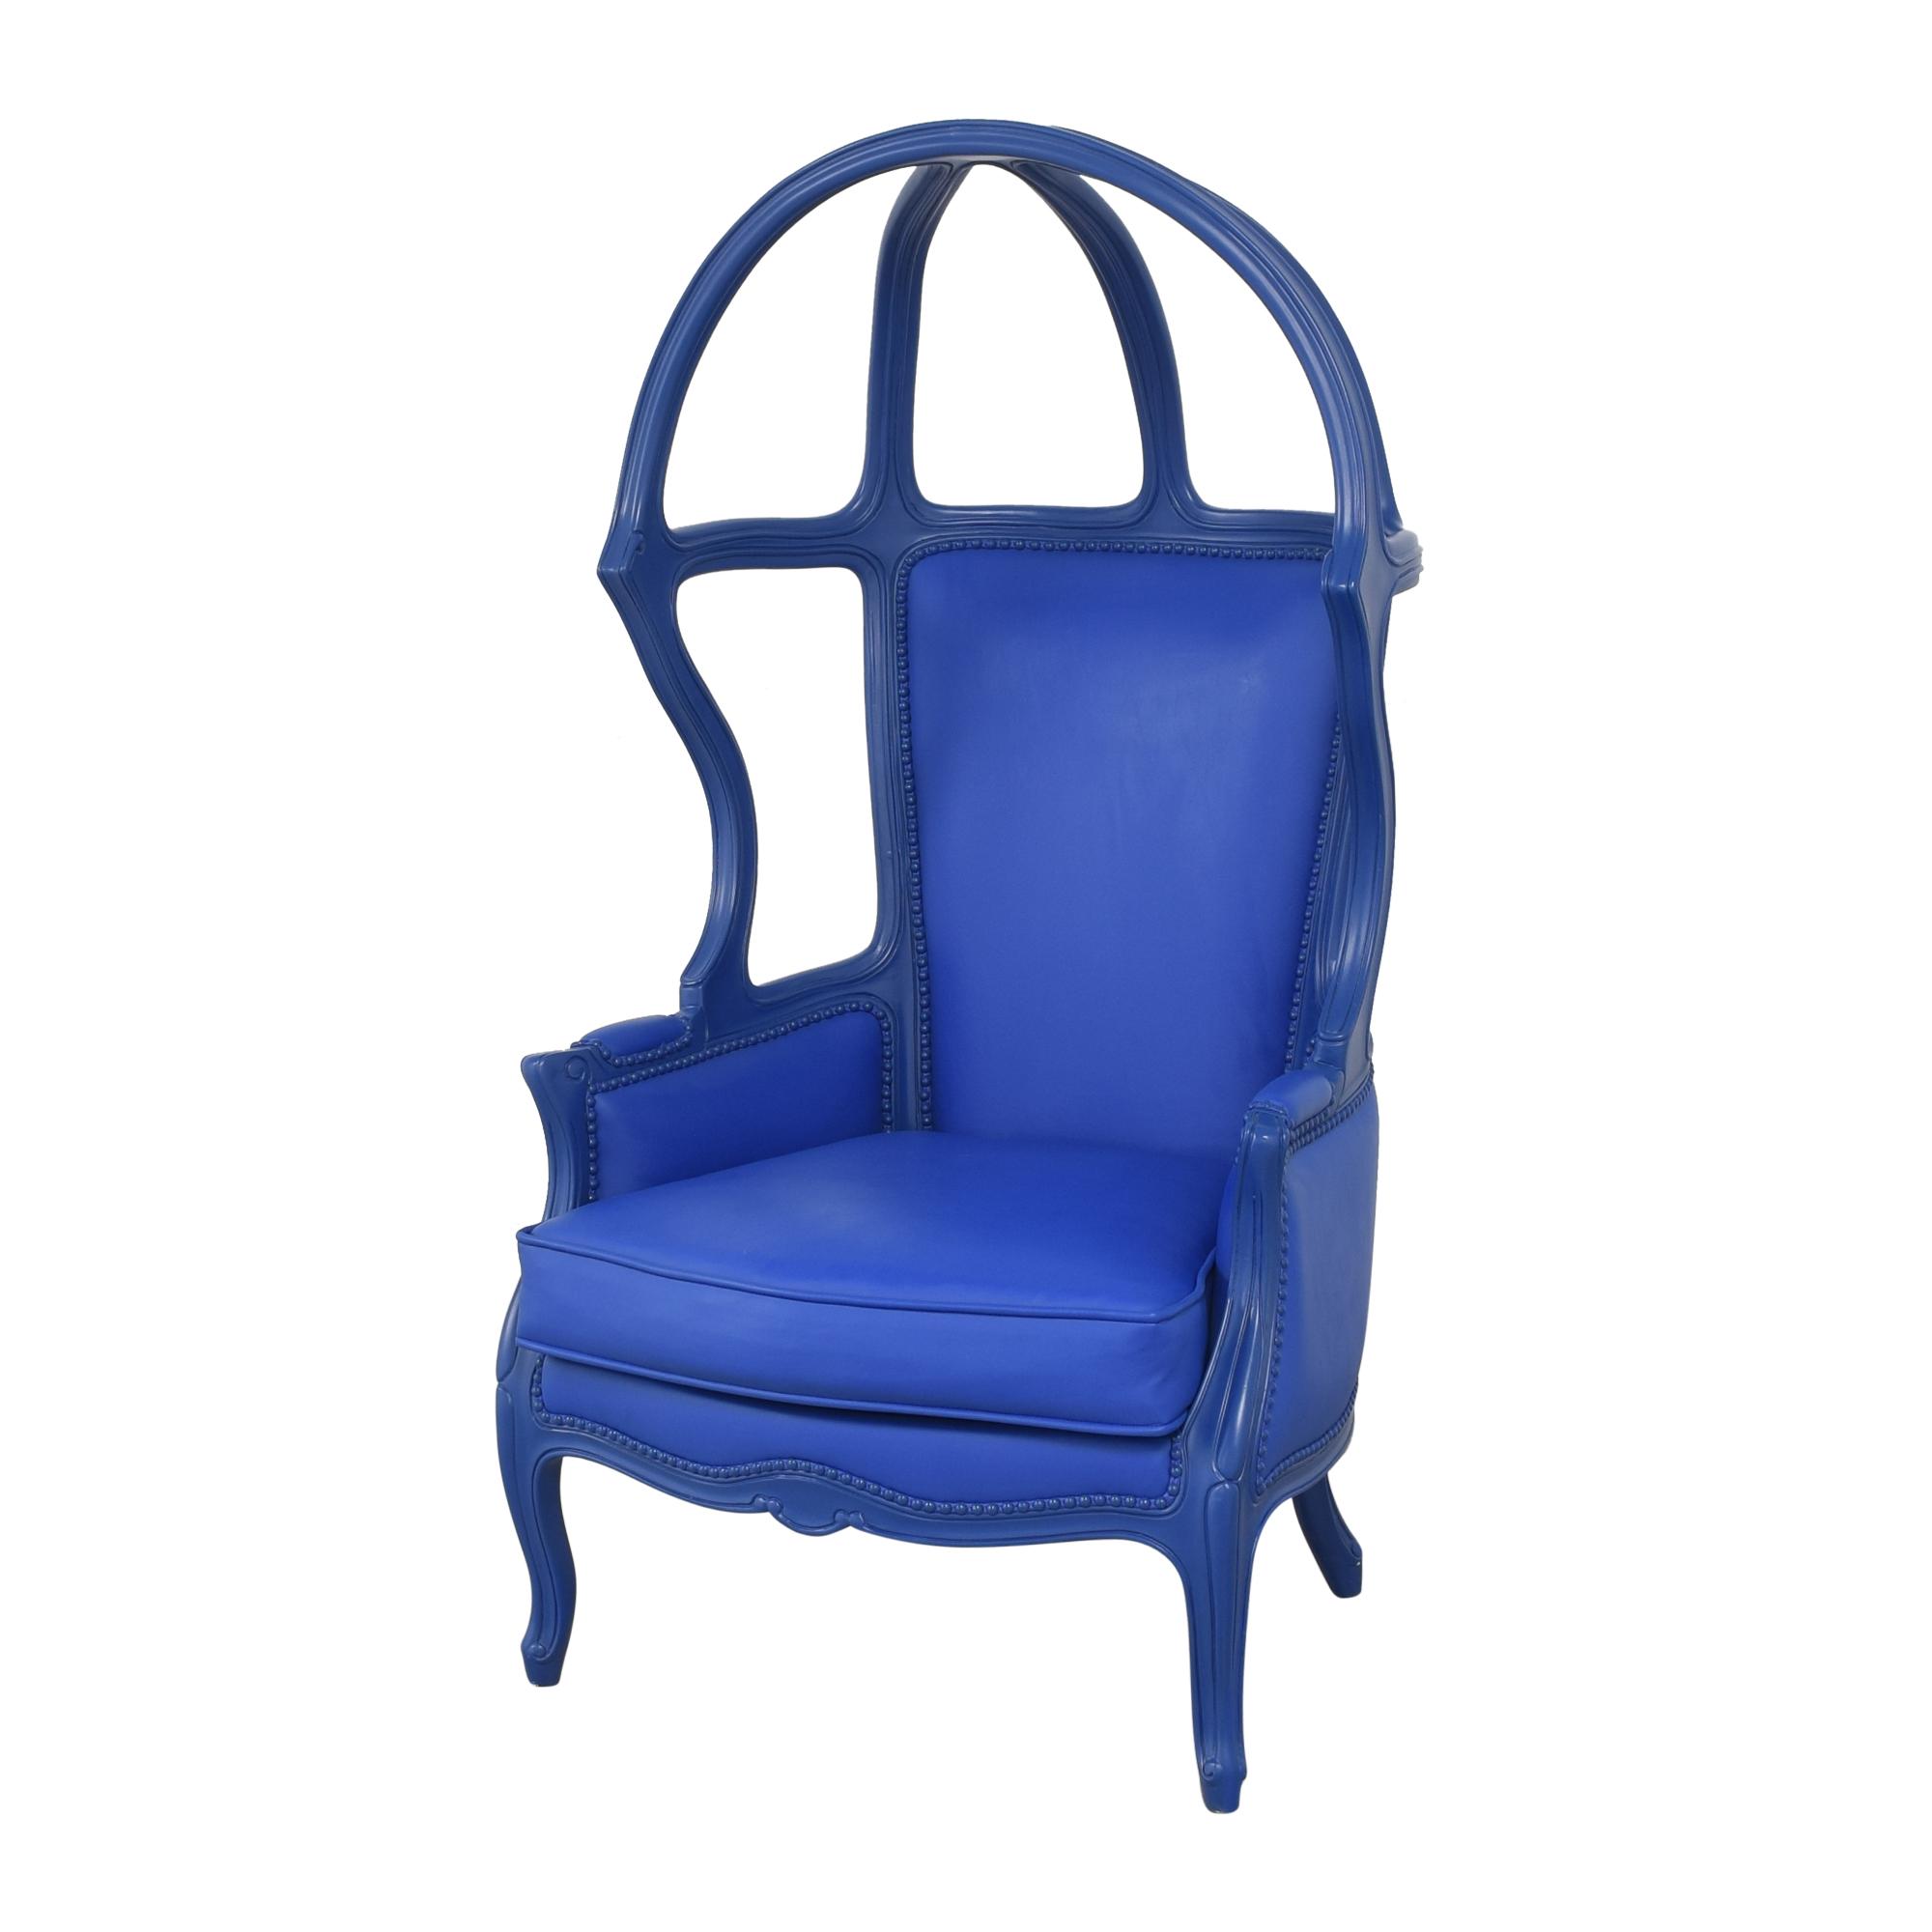 POLaRT POLaRT Open Dome Chair coupon